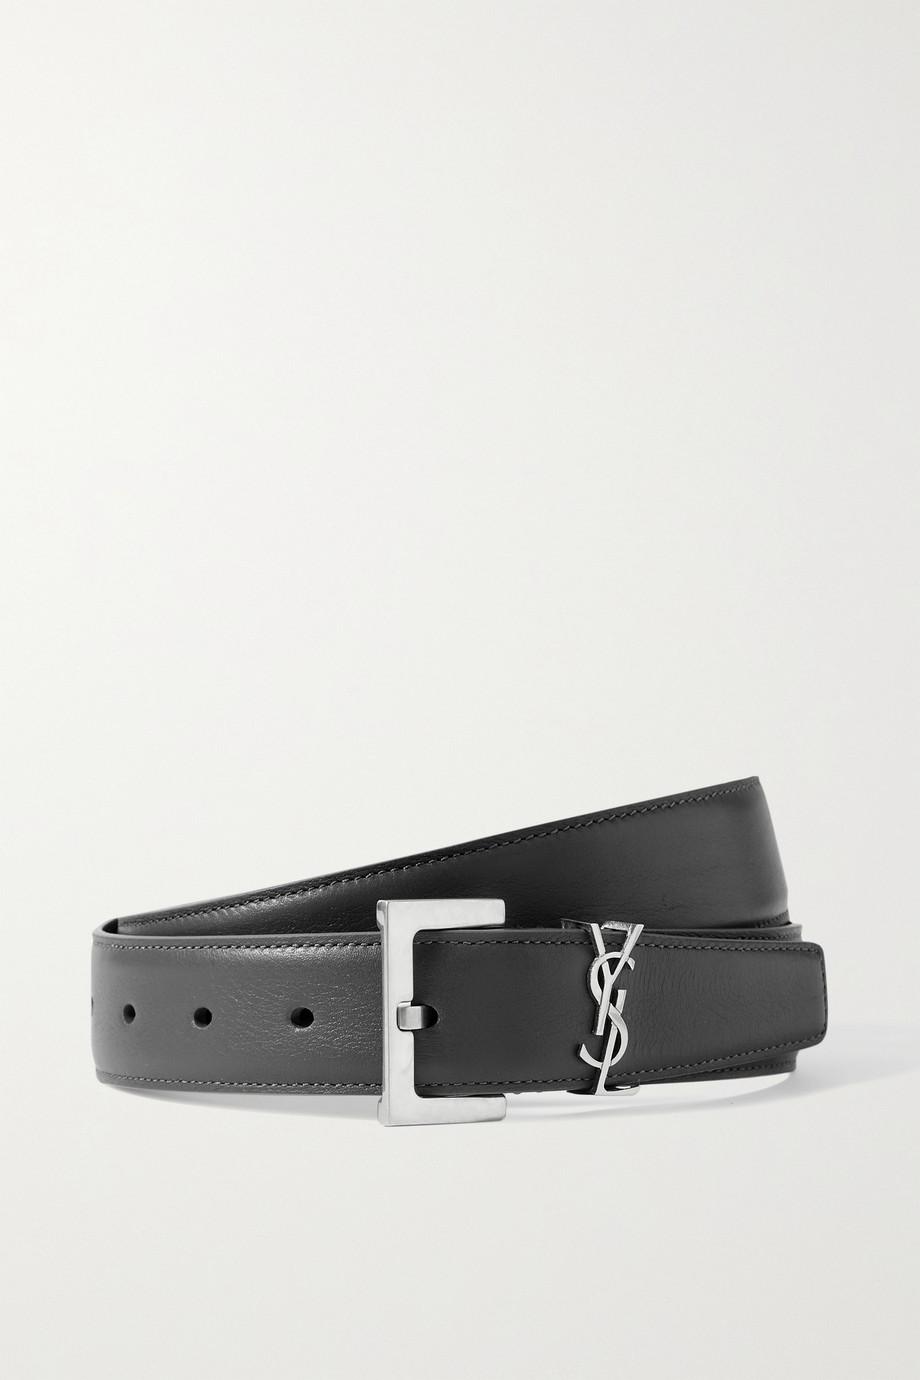 SAINT LAURENT Monogramme leather belt